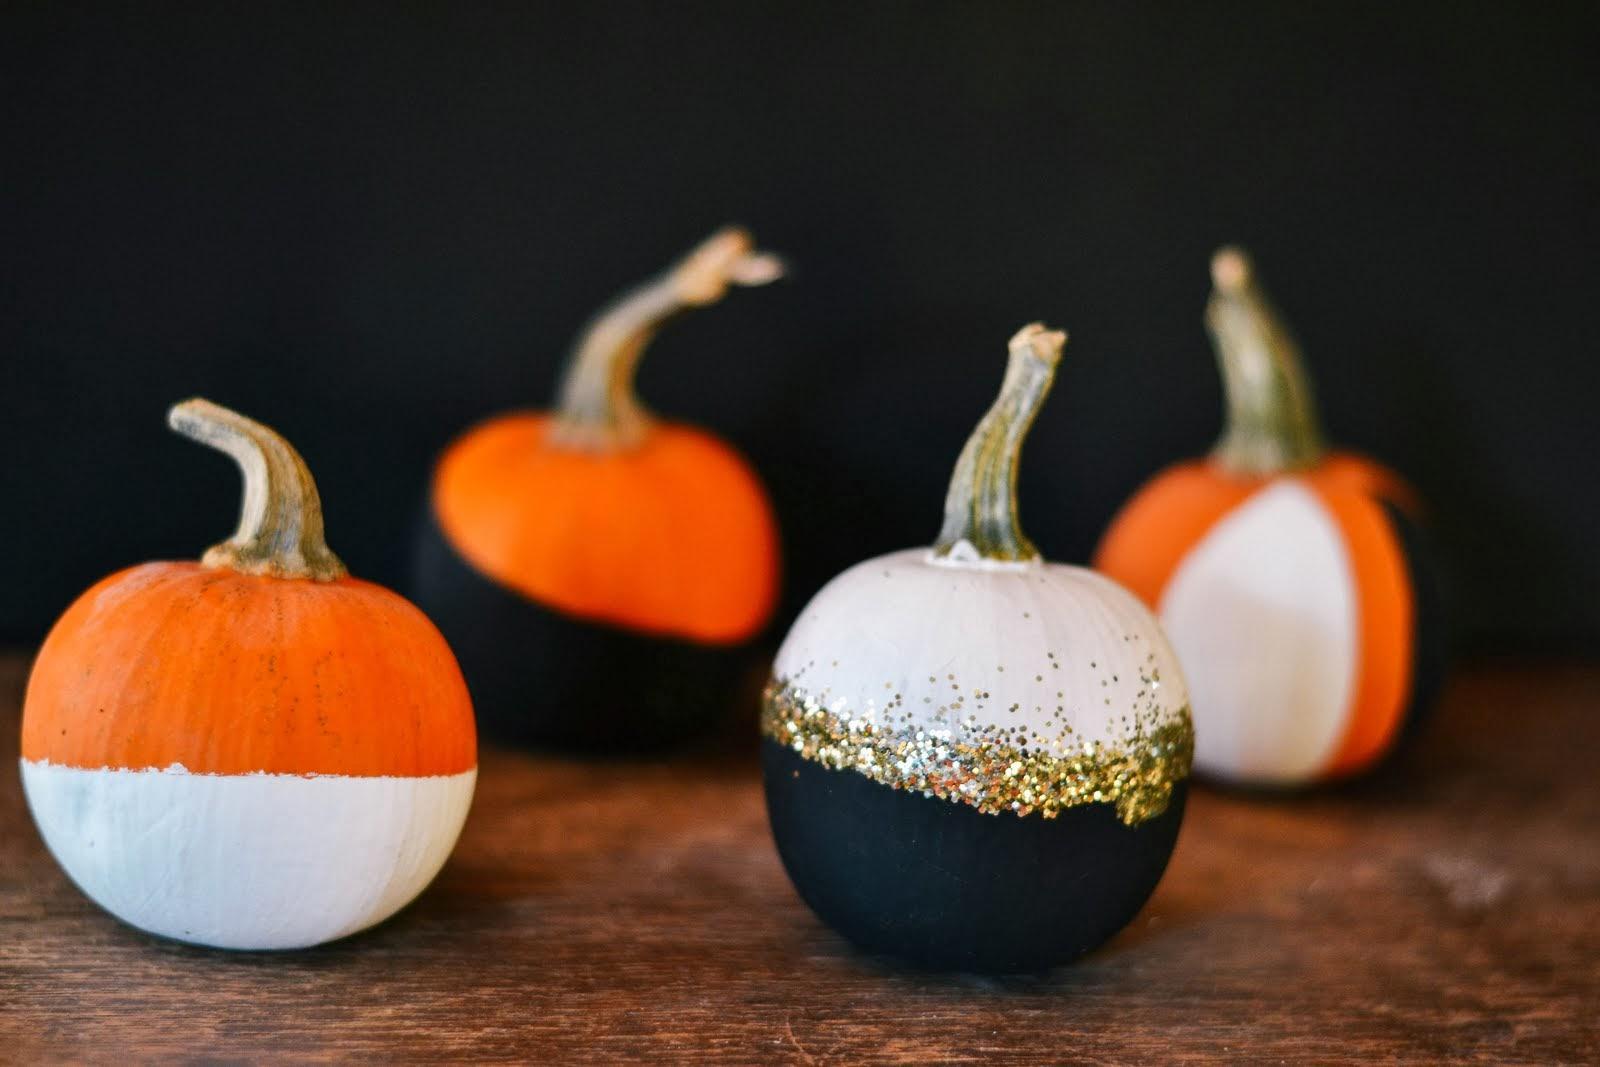 painted+pumpkins-9.jpg